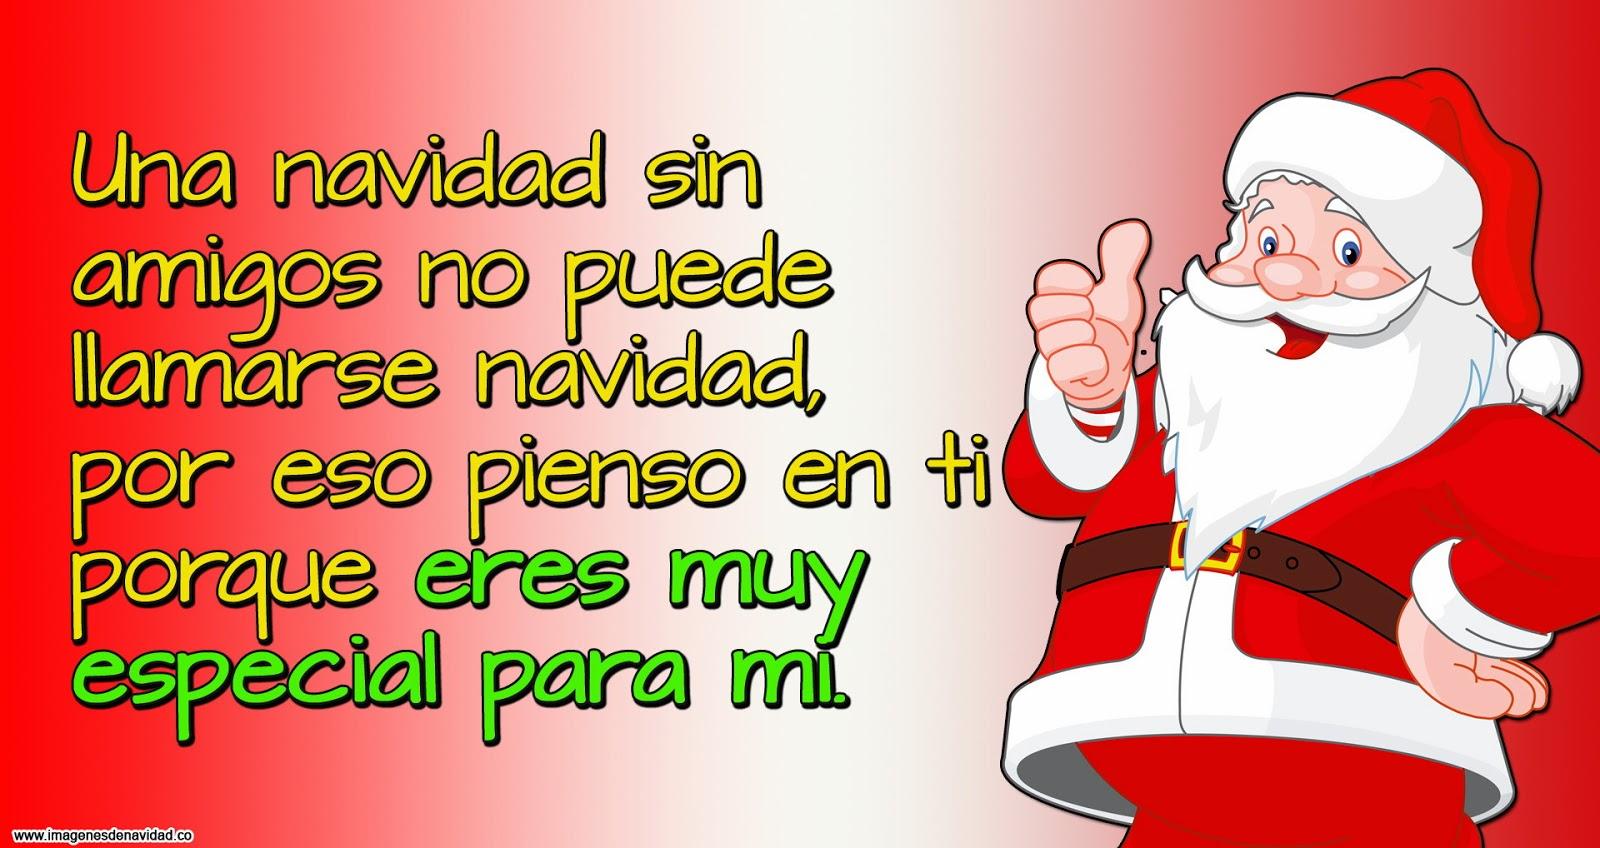 Imagen de navidad para super buenos amigos en full hd - Un santa claus especial ...